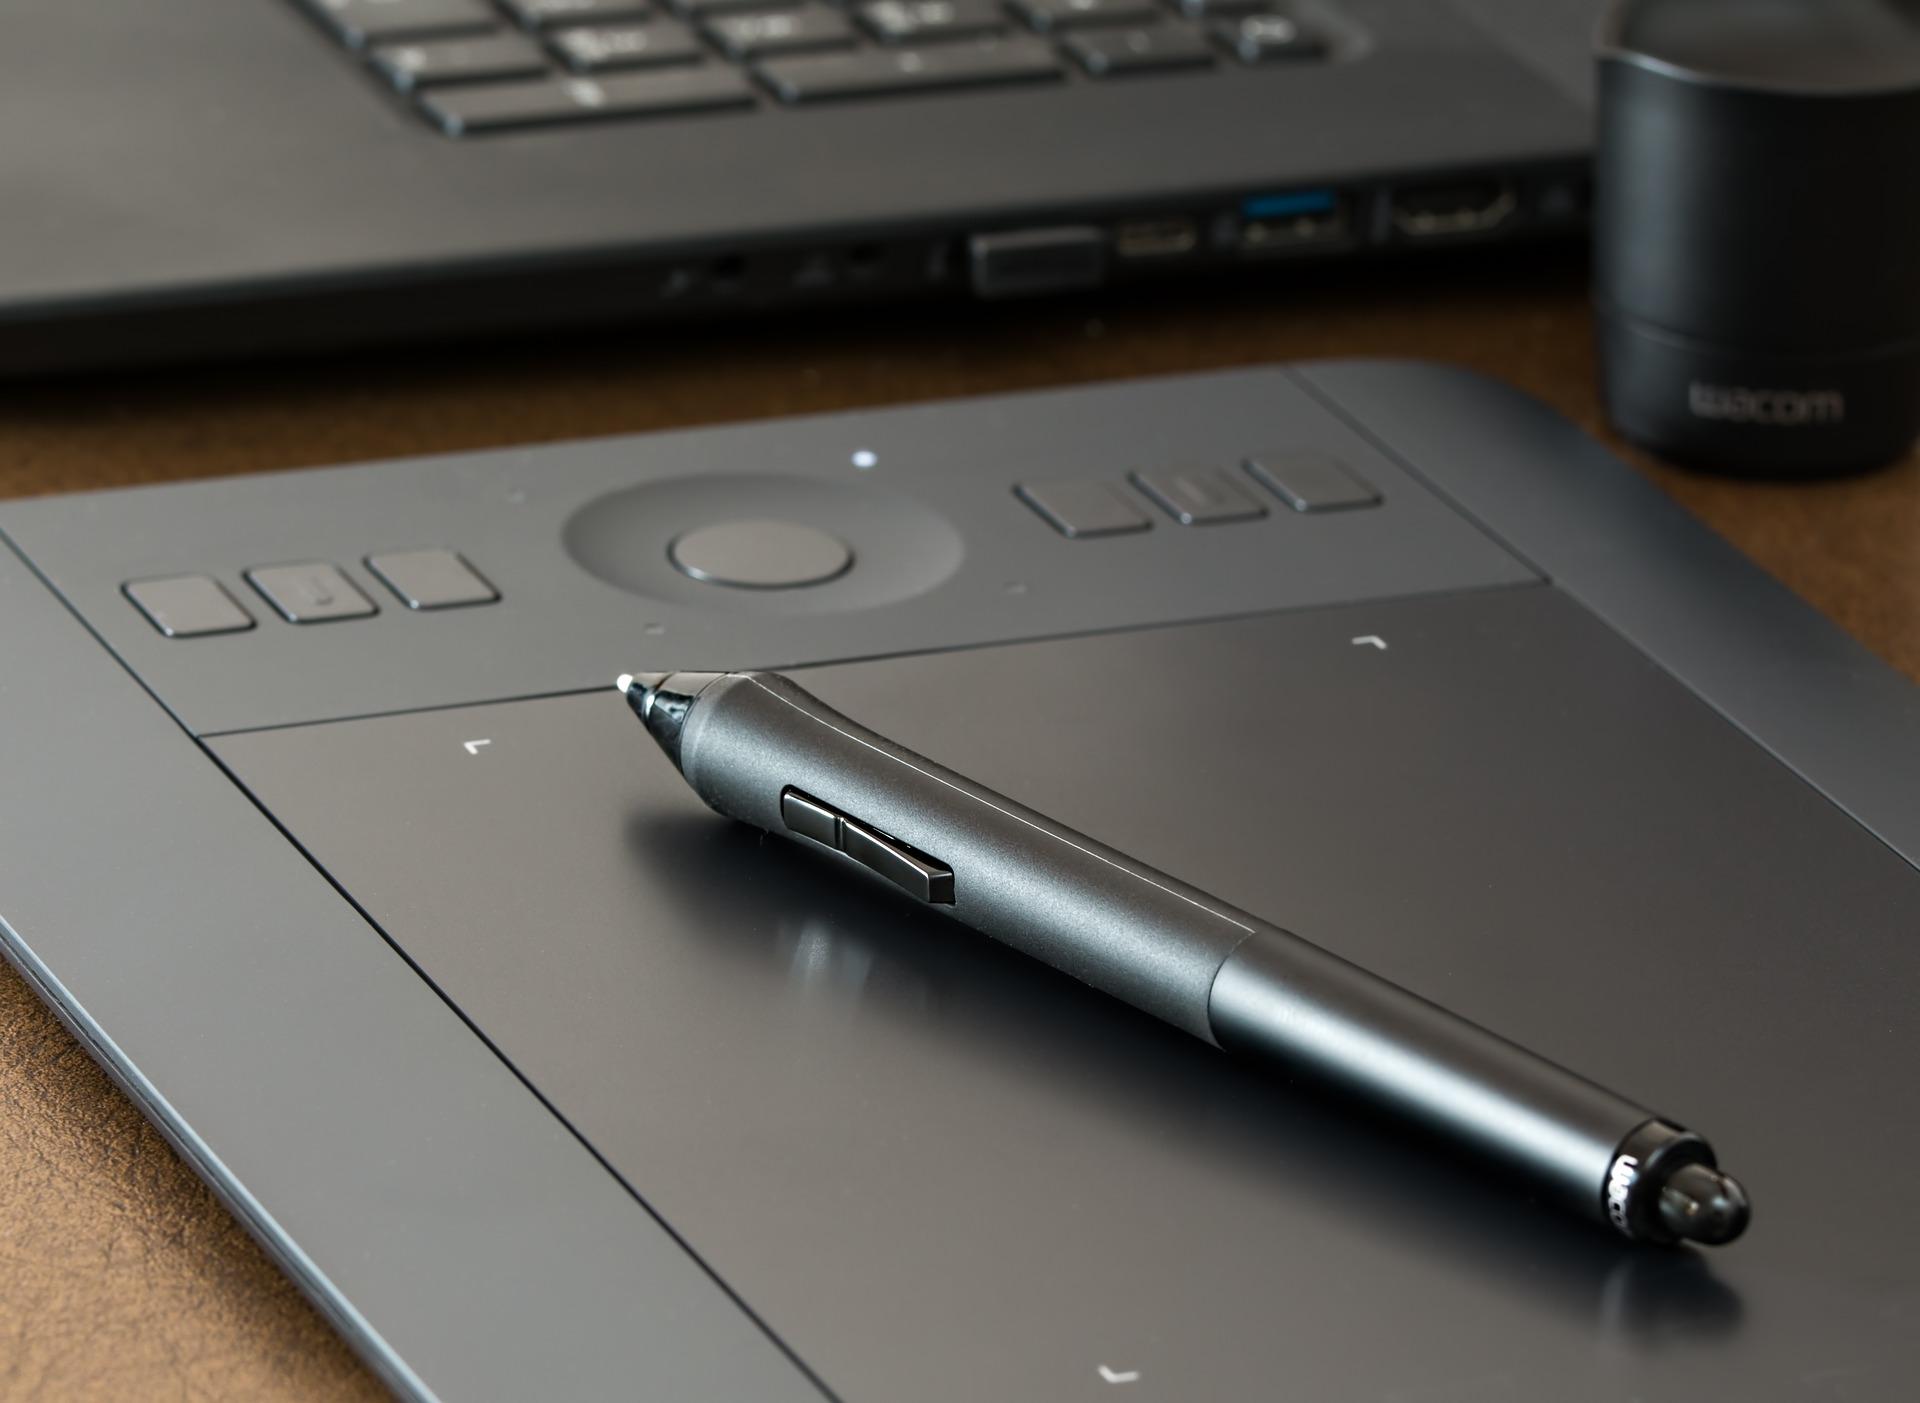 Imagem mostra um tablet gráfico e uma caneta.